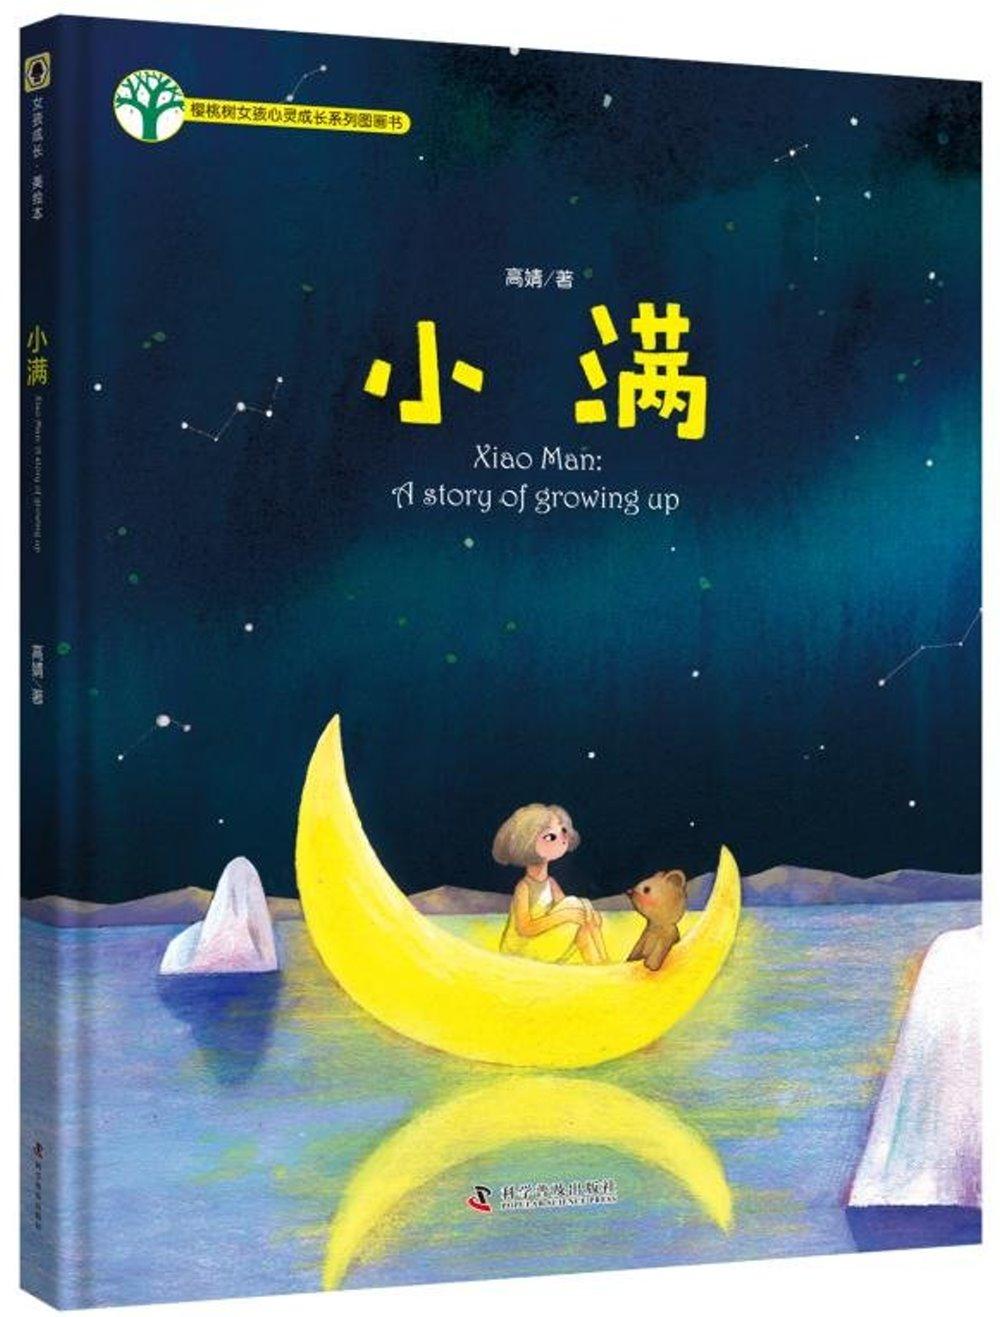 櫻桃樹兒童心理成長系列圖畫書:小滿